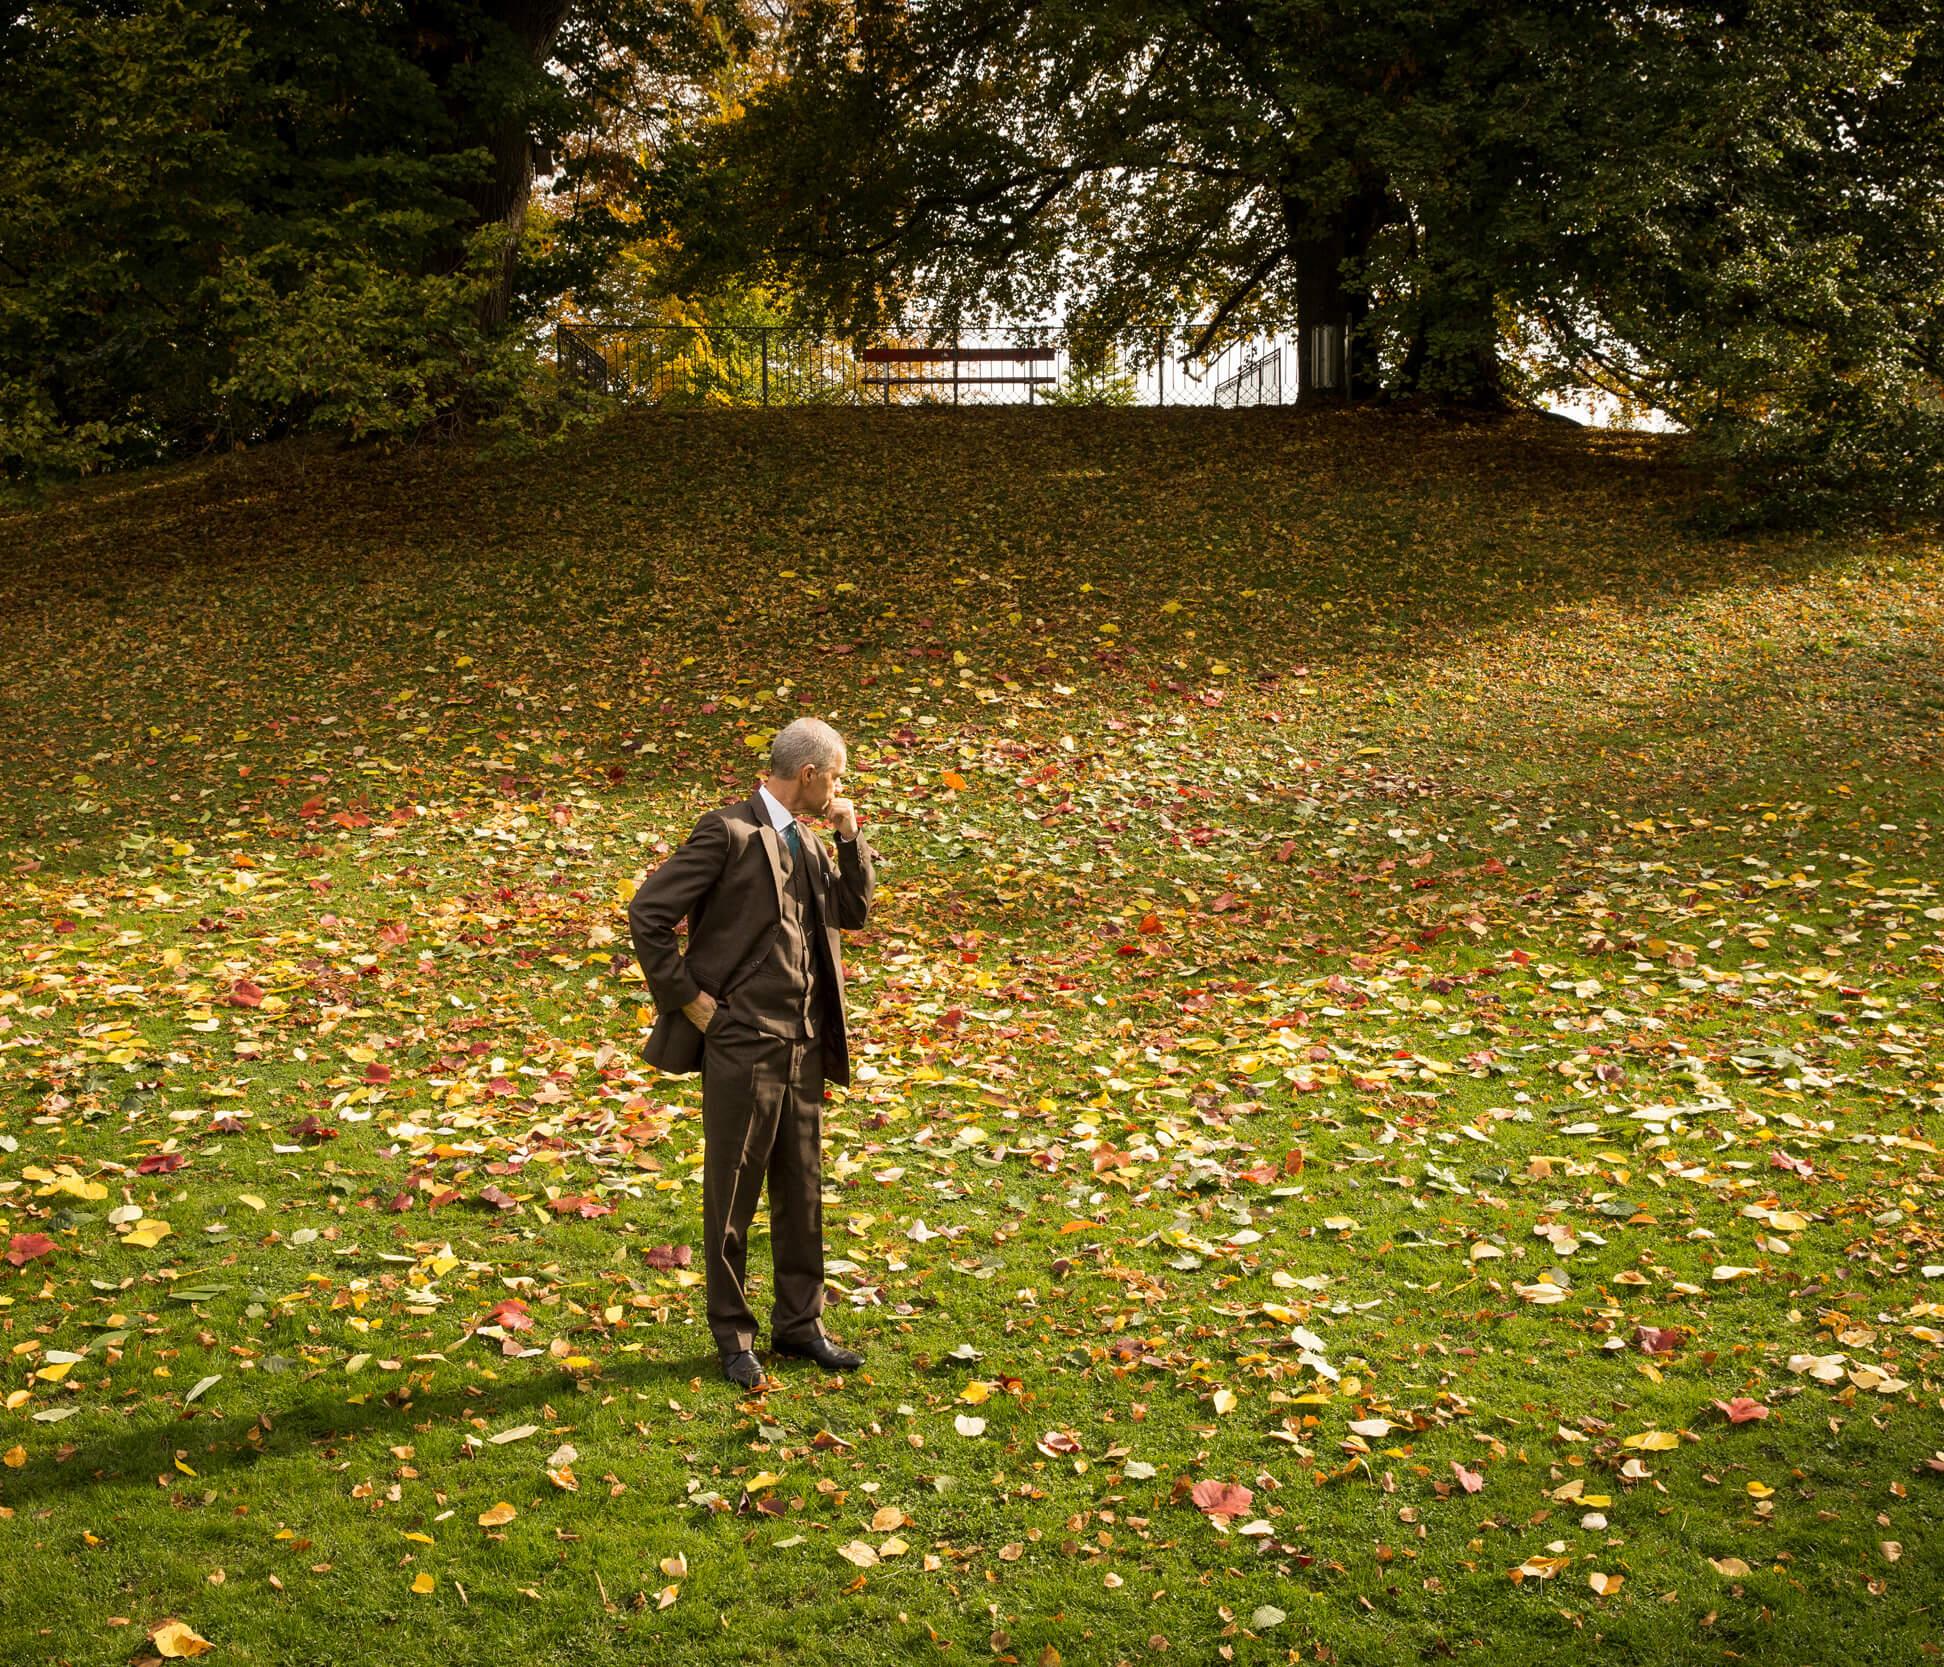 Ursus Wehrli - Autumn Leaves at Museum Rietberg